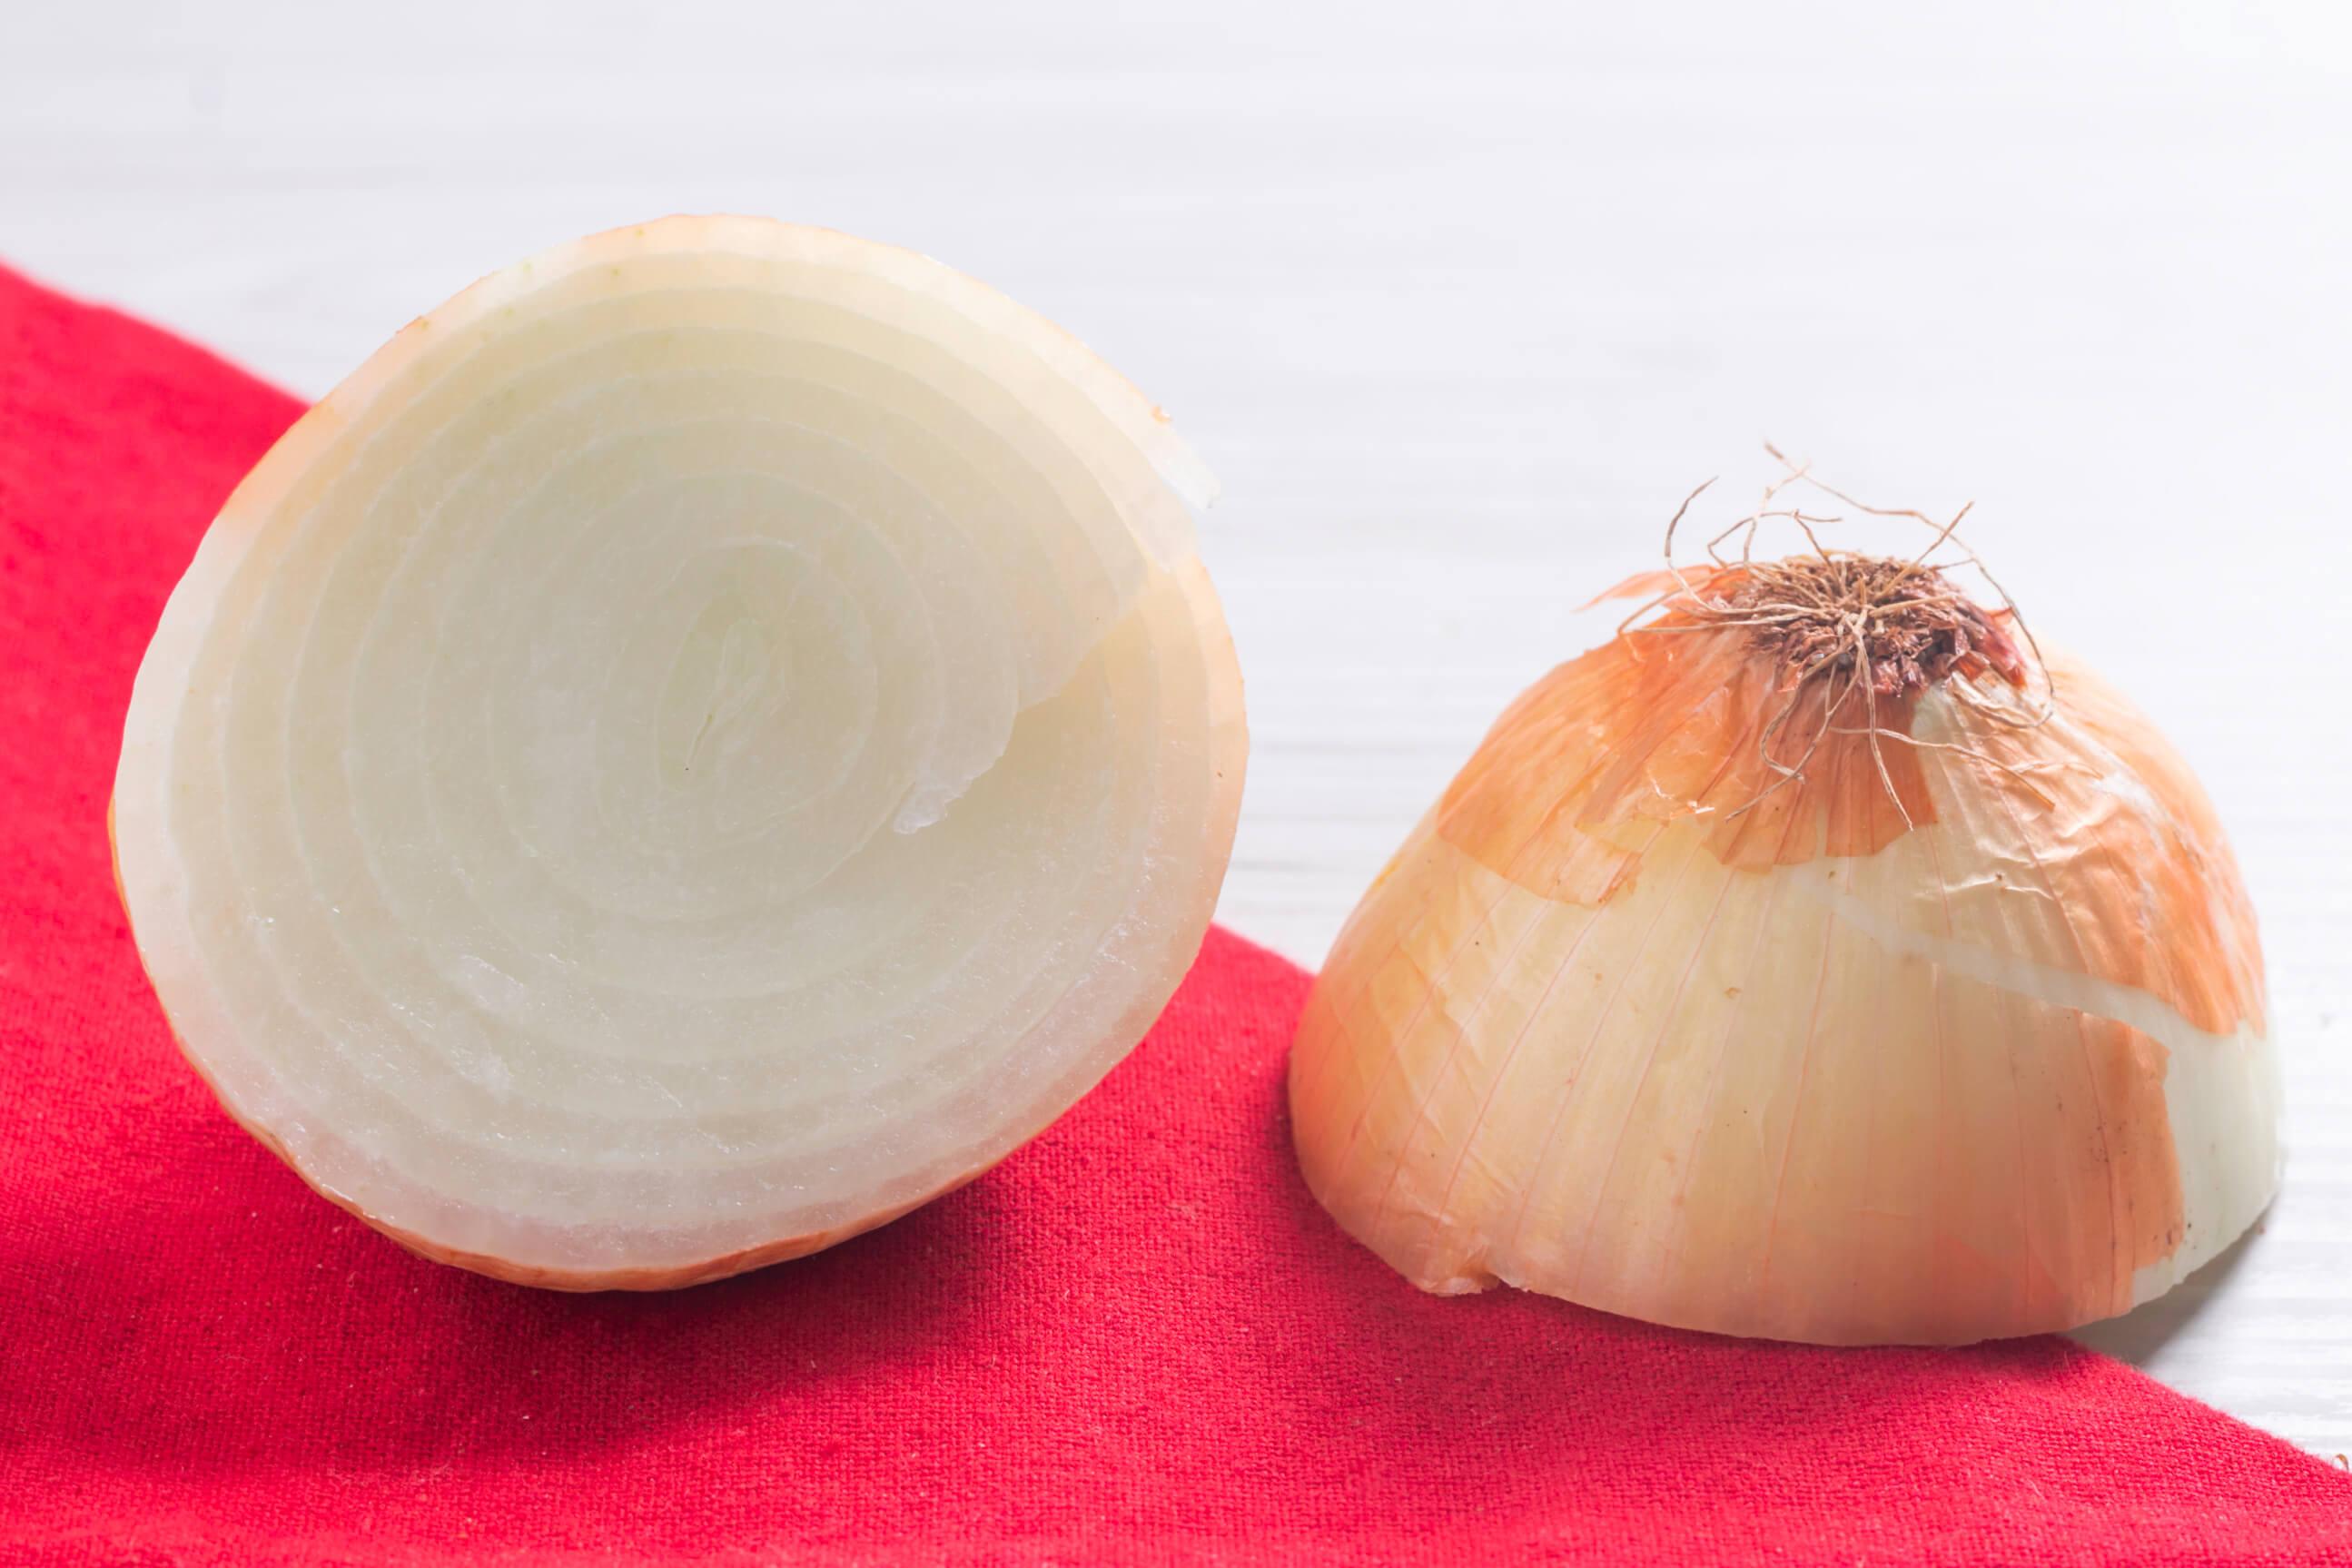 Saiba mais sobre a Cebola, um dos ingredientes utilizados pela Liv Up